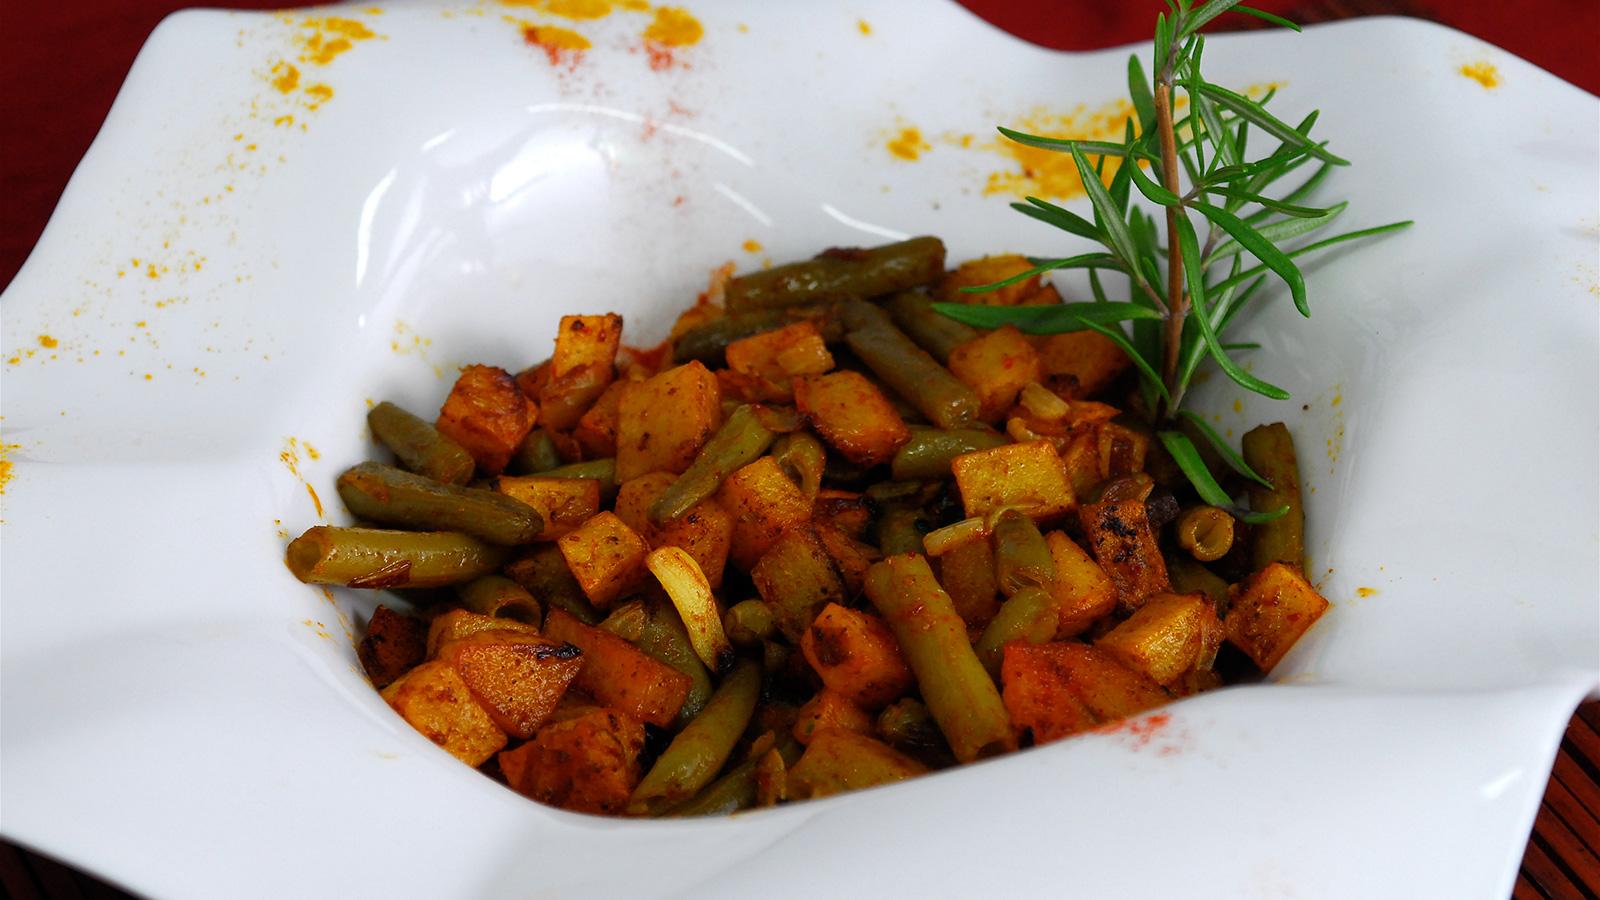 Patatas con jud as verdes al curry julius julio - Tiempo coccion judias verdes ...